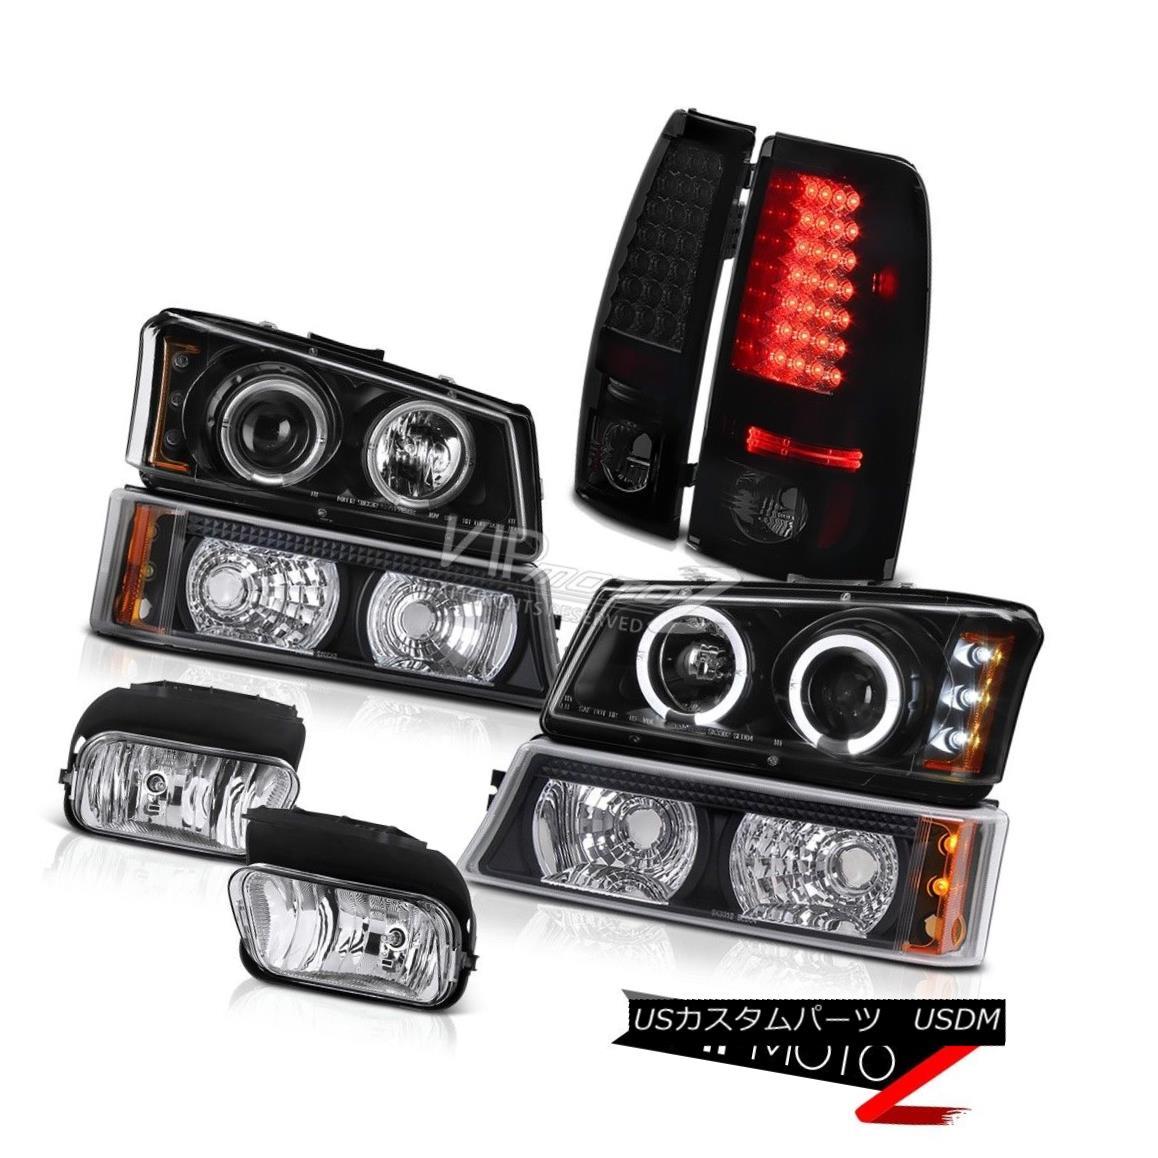 ヘッドライト Black Halo LED Headlights Turn Signal Tail Lights Foglight 03-06 Chevy Silverado ブラックハローLEDヘッドライト信号テールライトを回すFoglight 03-06 Chevy Silverado